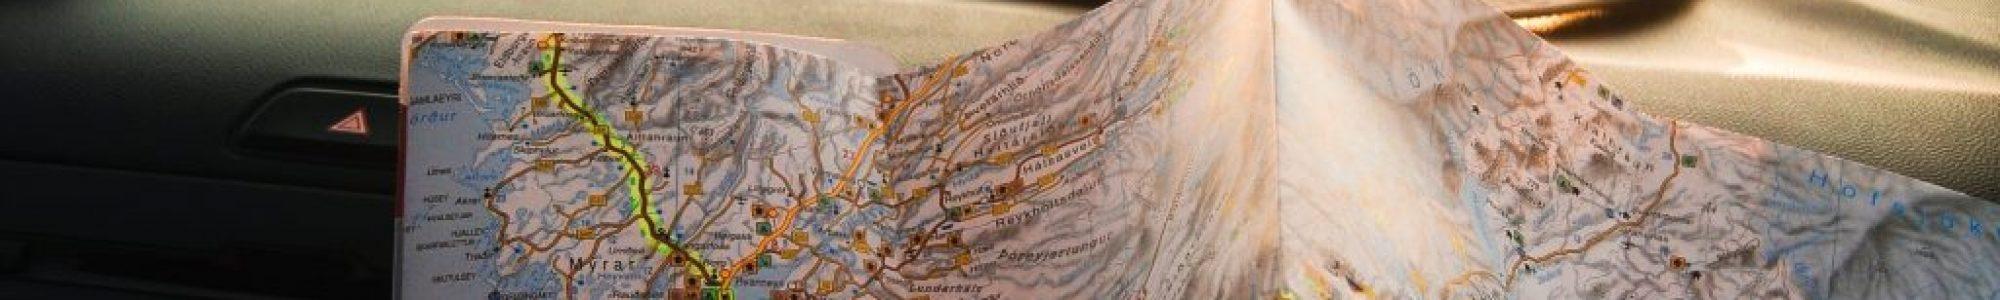 map 2 1